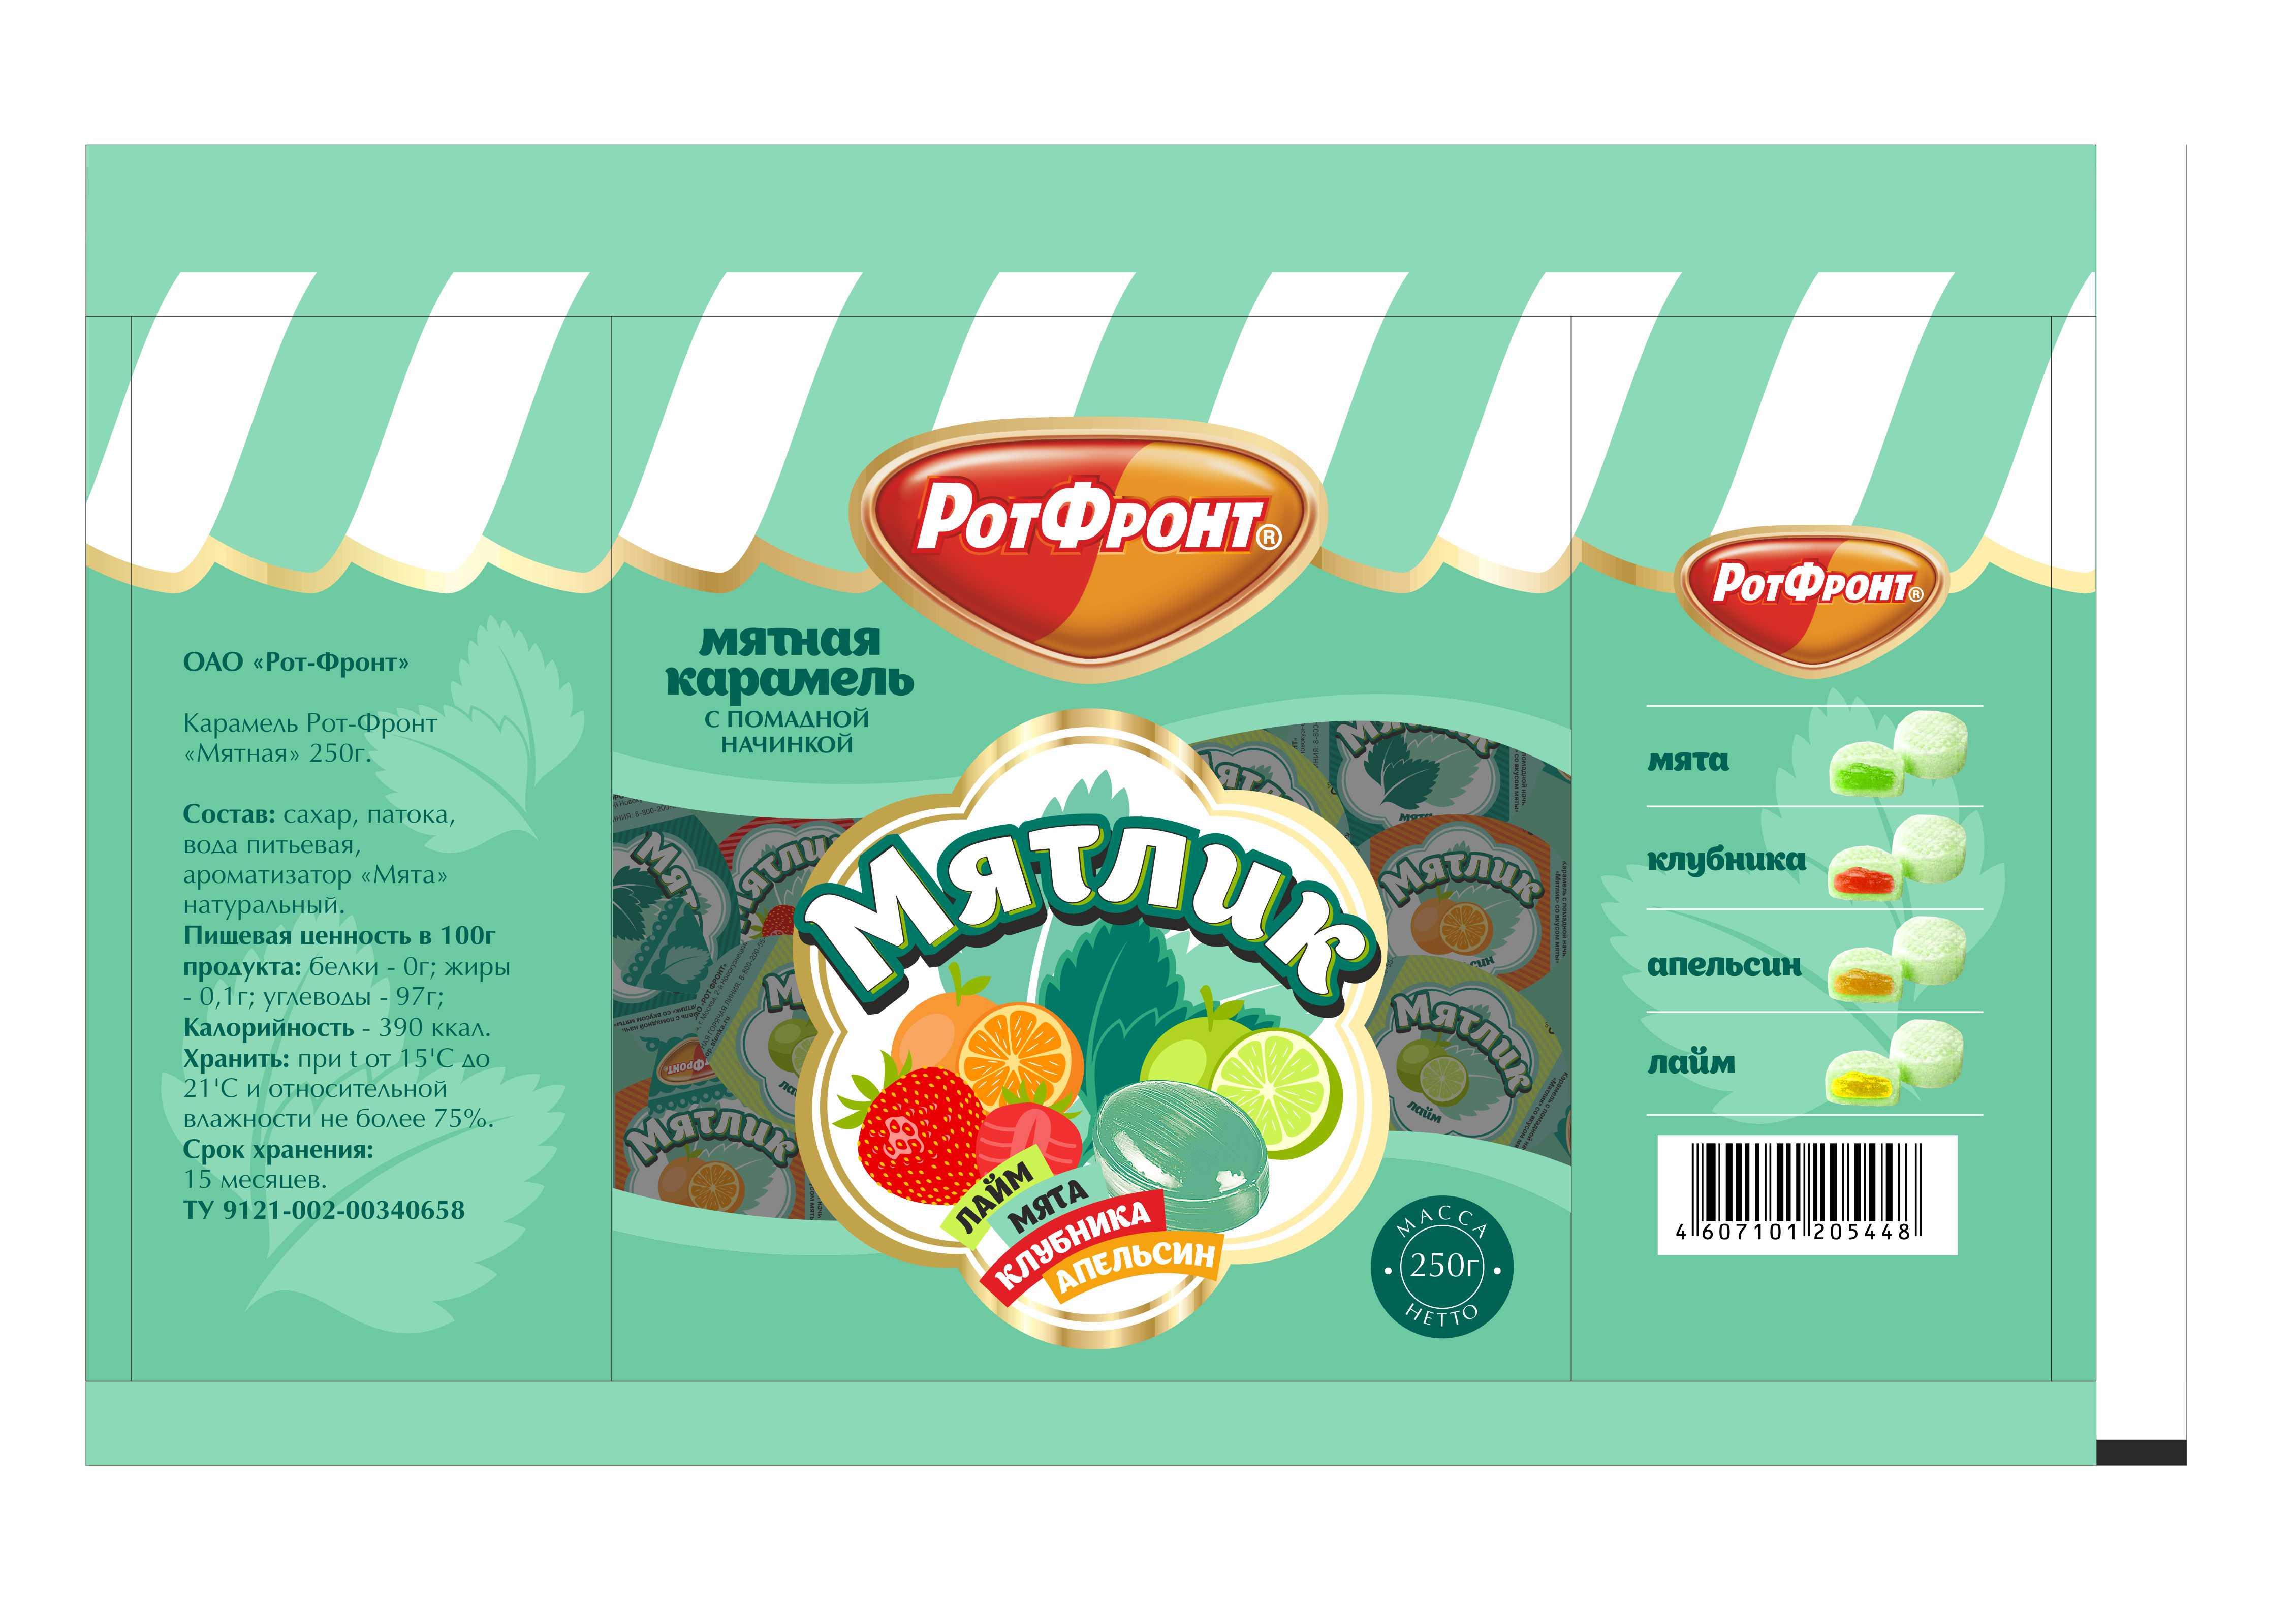 Разработка дизайна упаковки для мятной карамели от Рот Фронт фото f_42059f23dc802f8f.jpg